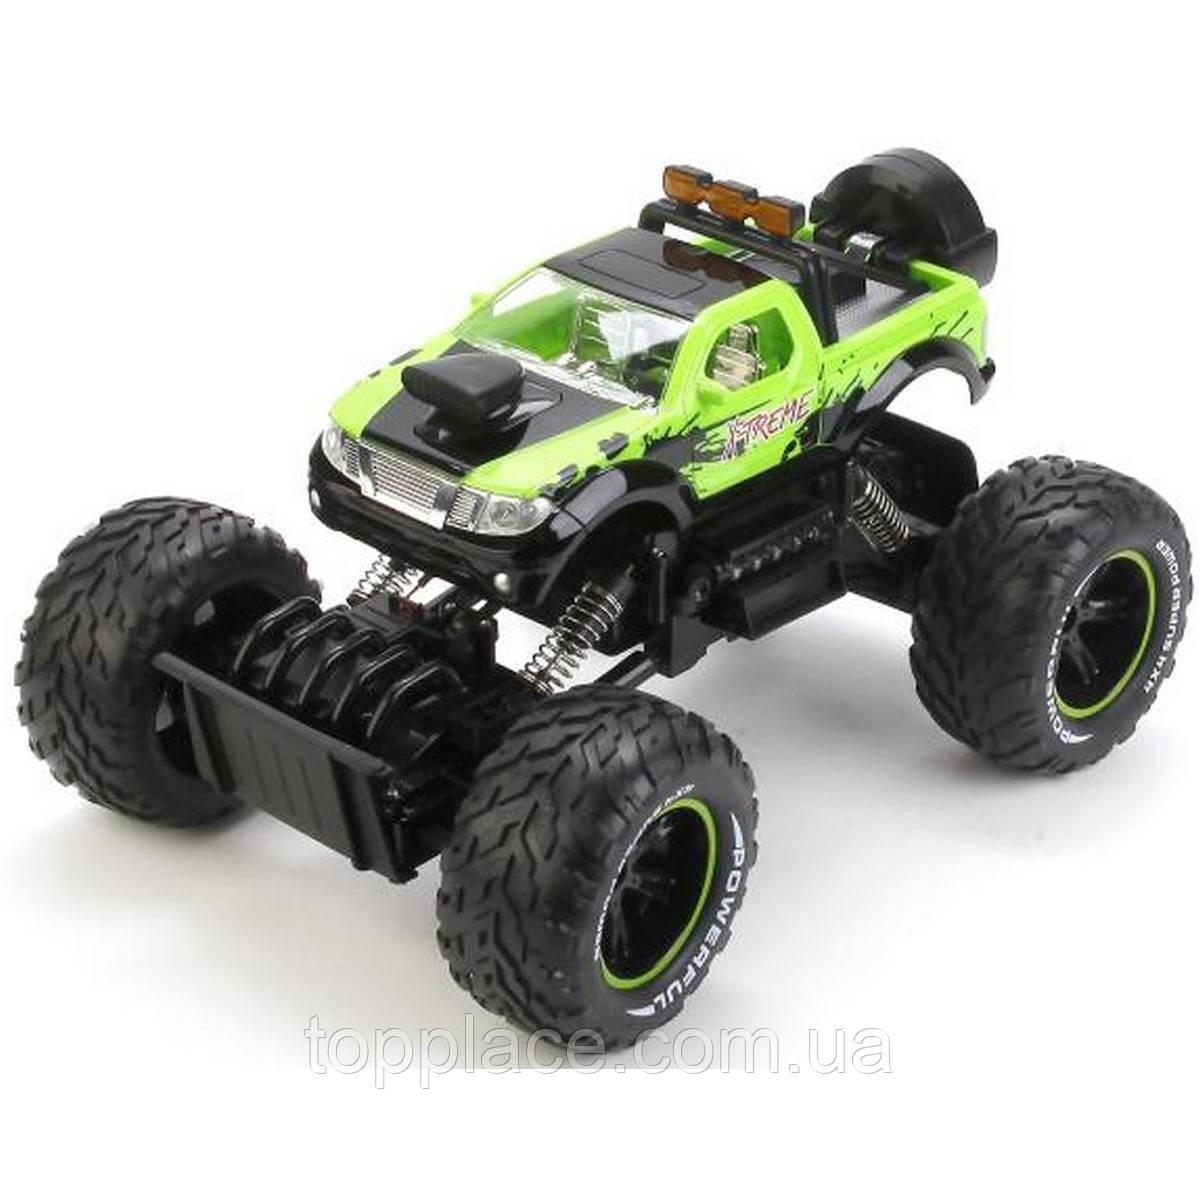 Радиоуправляемый внедорожник Rock Crawler 4WD, Зеленый (689-356)